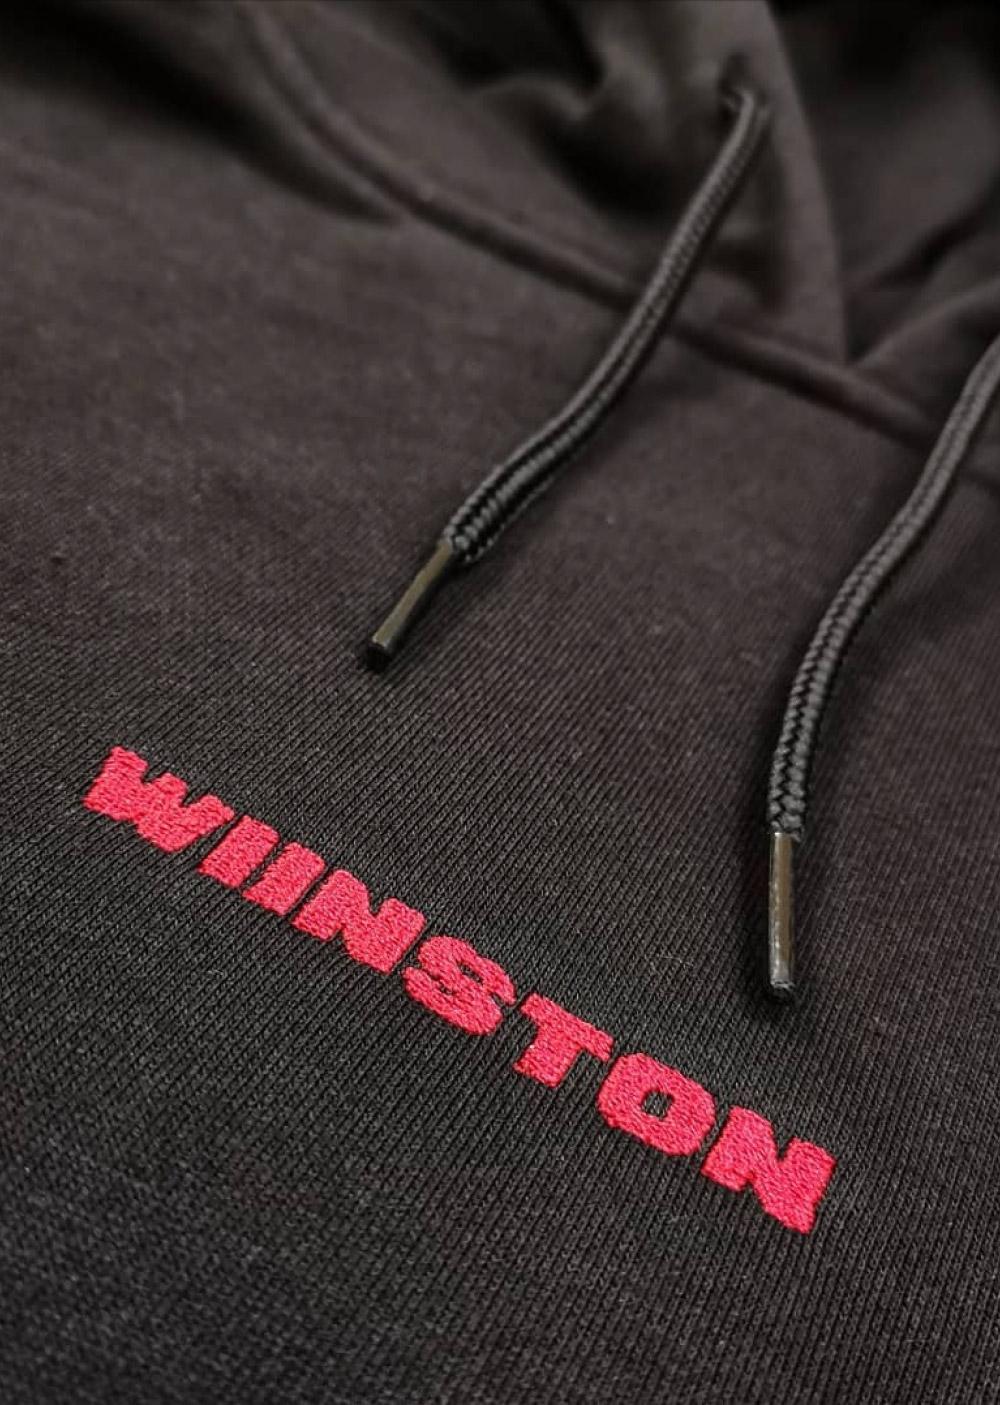 Wiinston_10